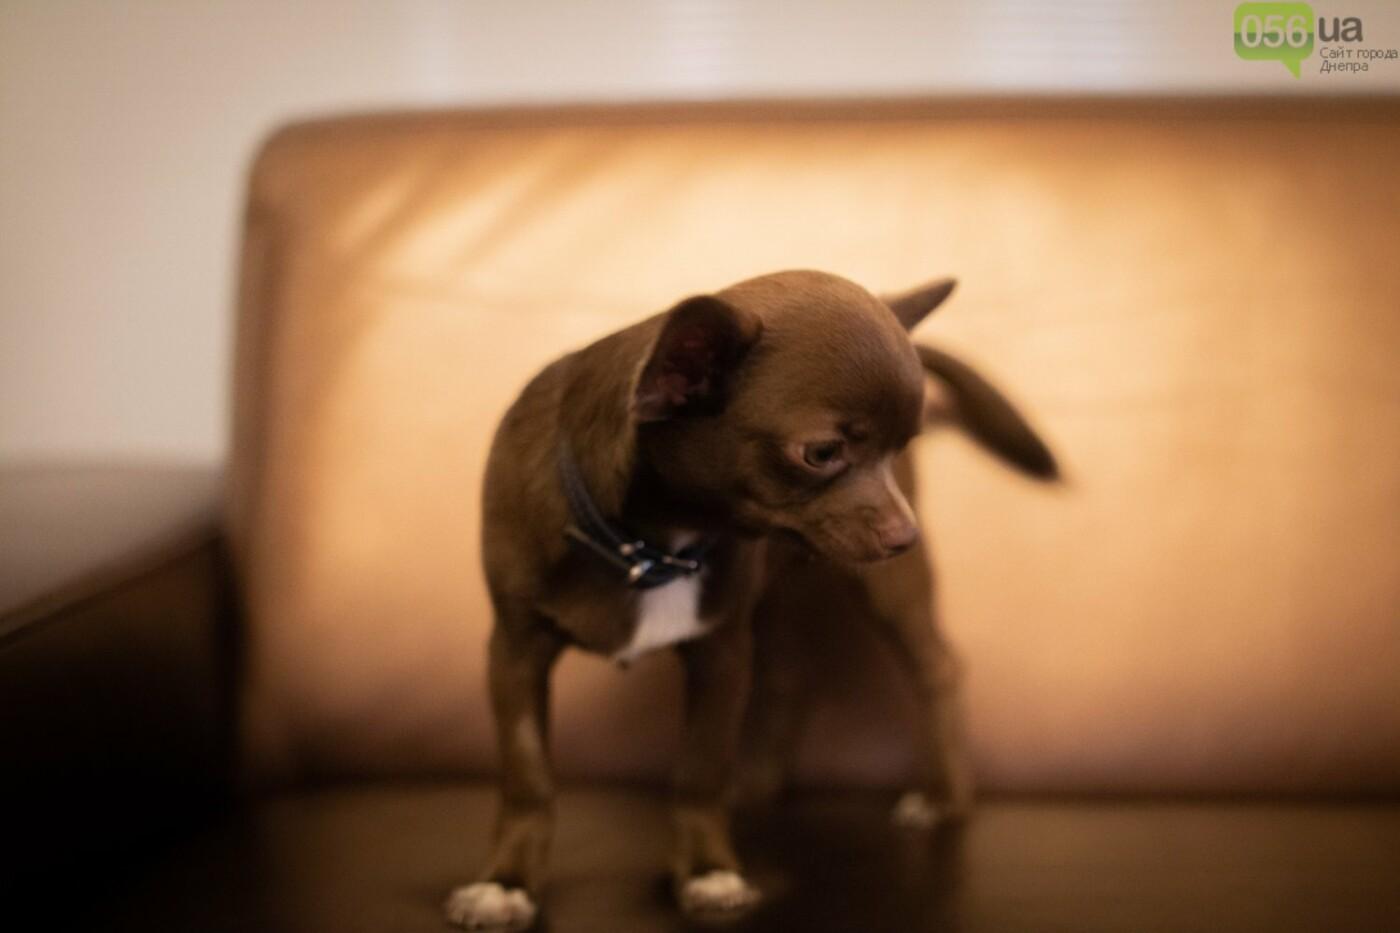 Собаки, кошки и морские свинки: как в Днепре прошел фестиваль домашних животных, - ФОТОРЕПОРТАЖ, фото-6